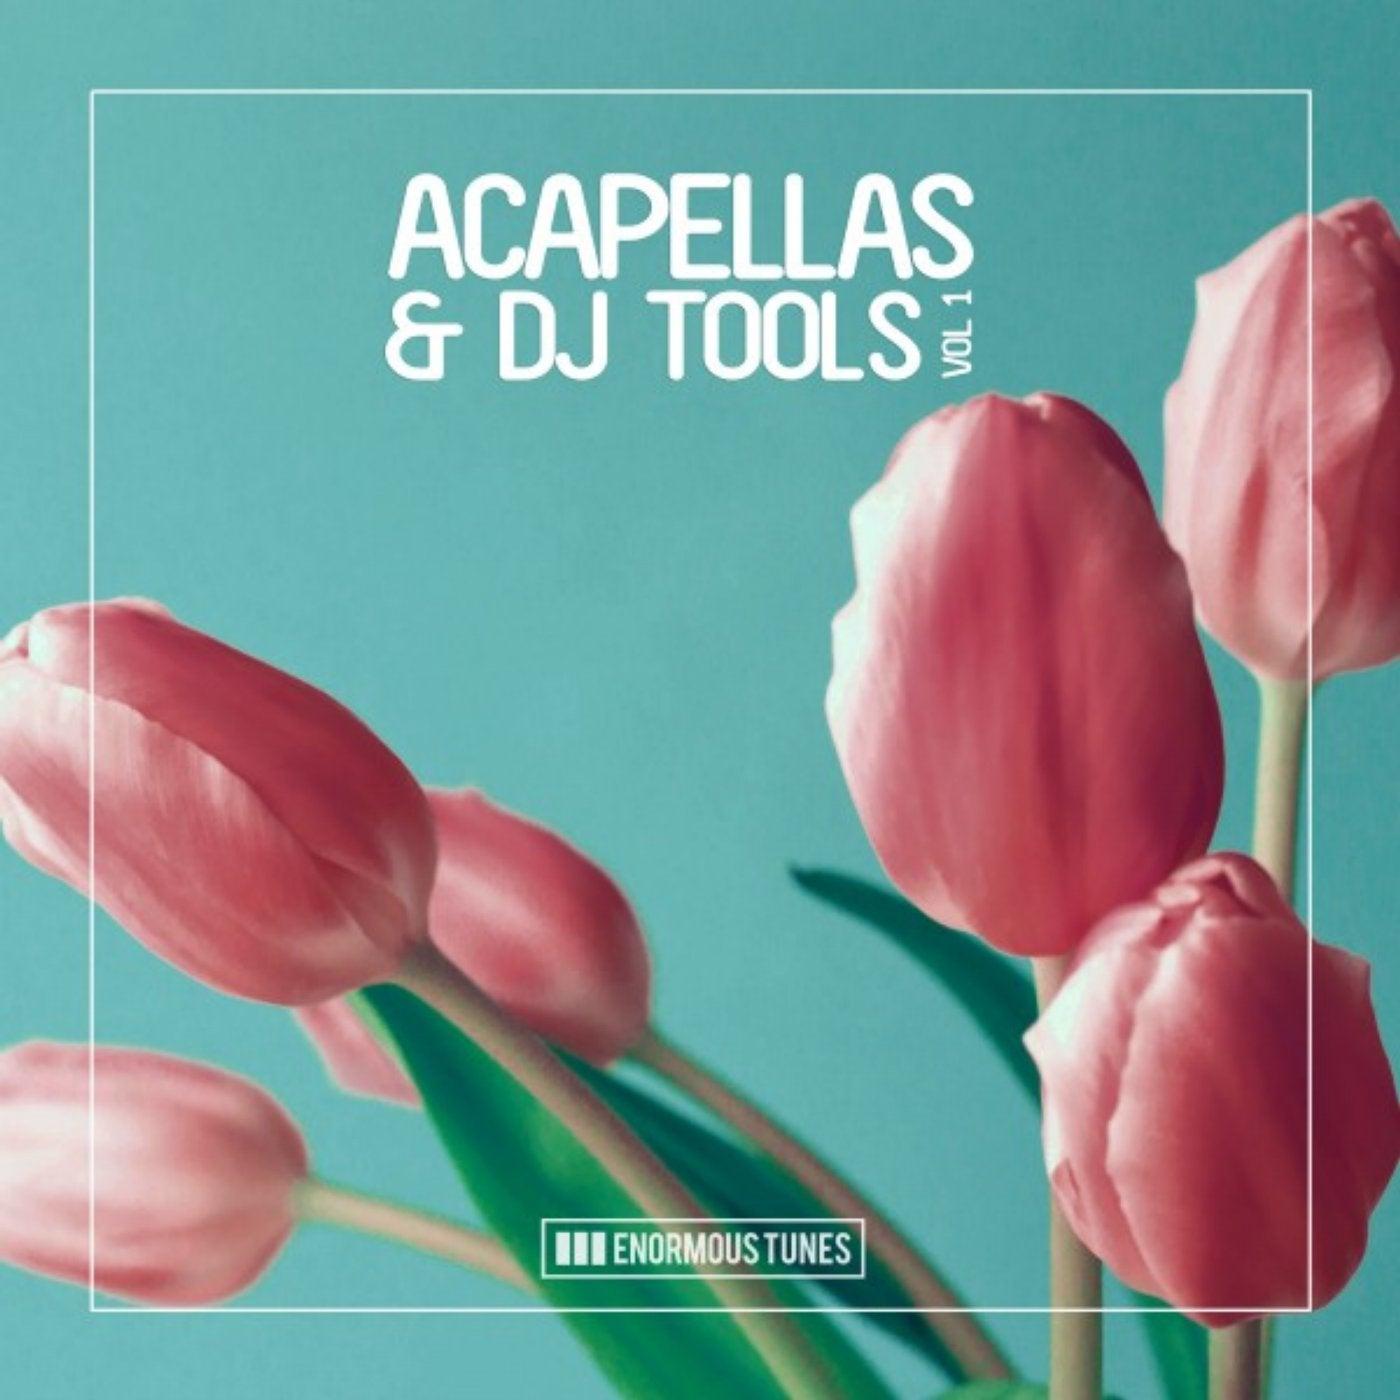 Sweet Dreams (Acapella Mix)